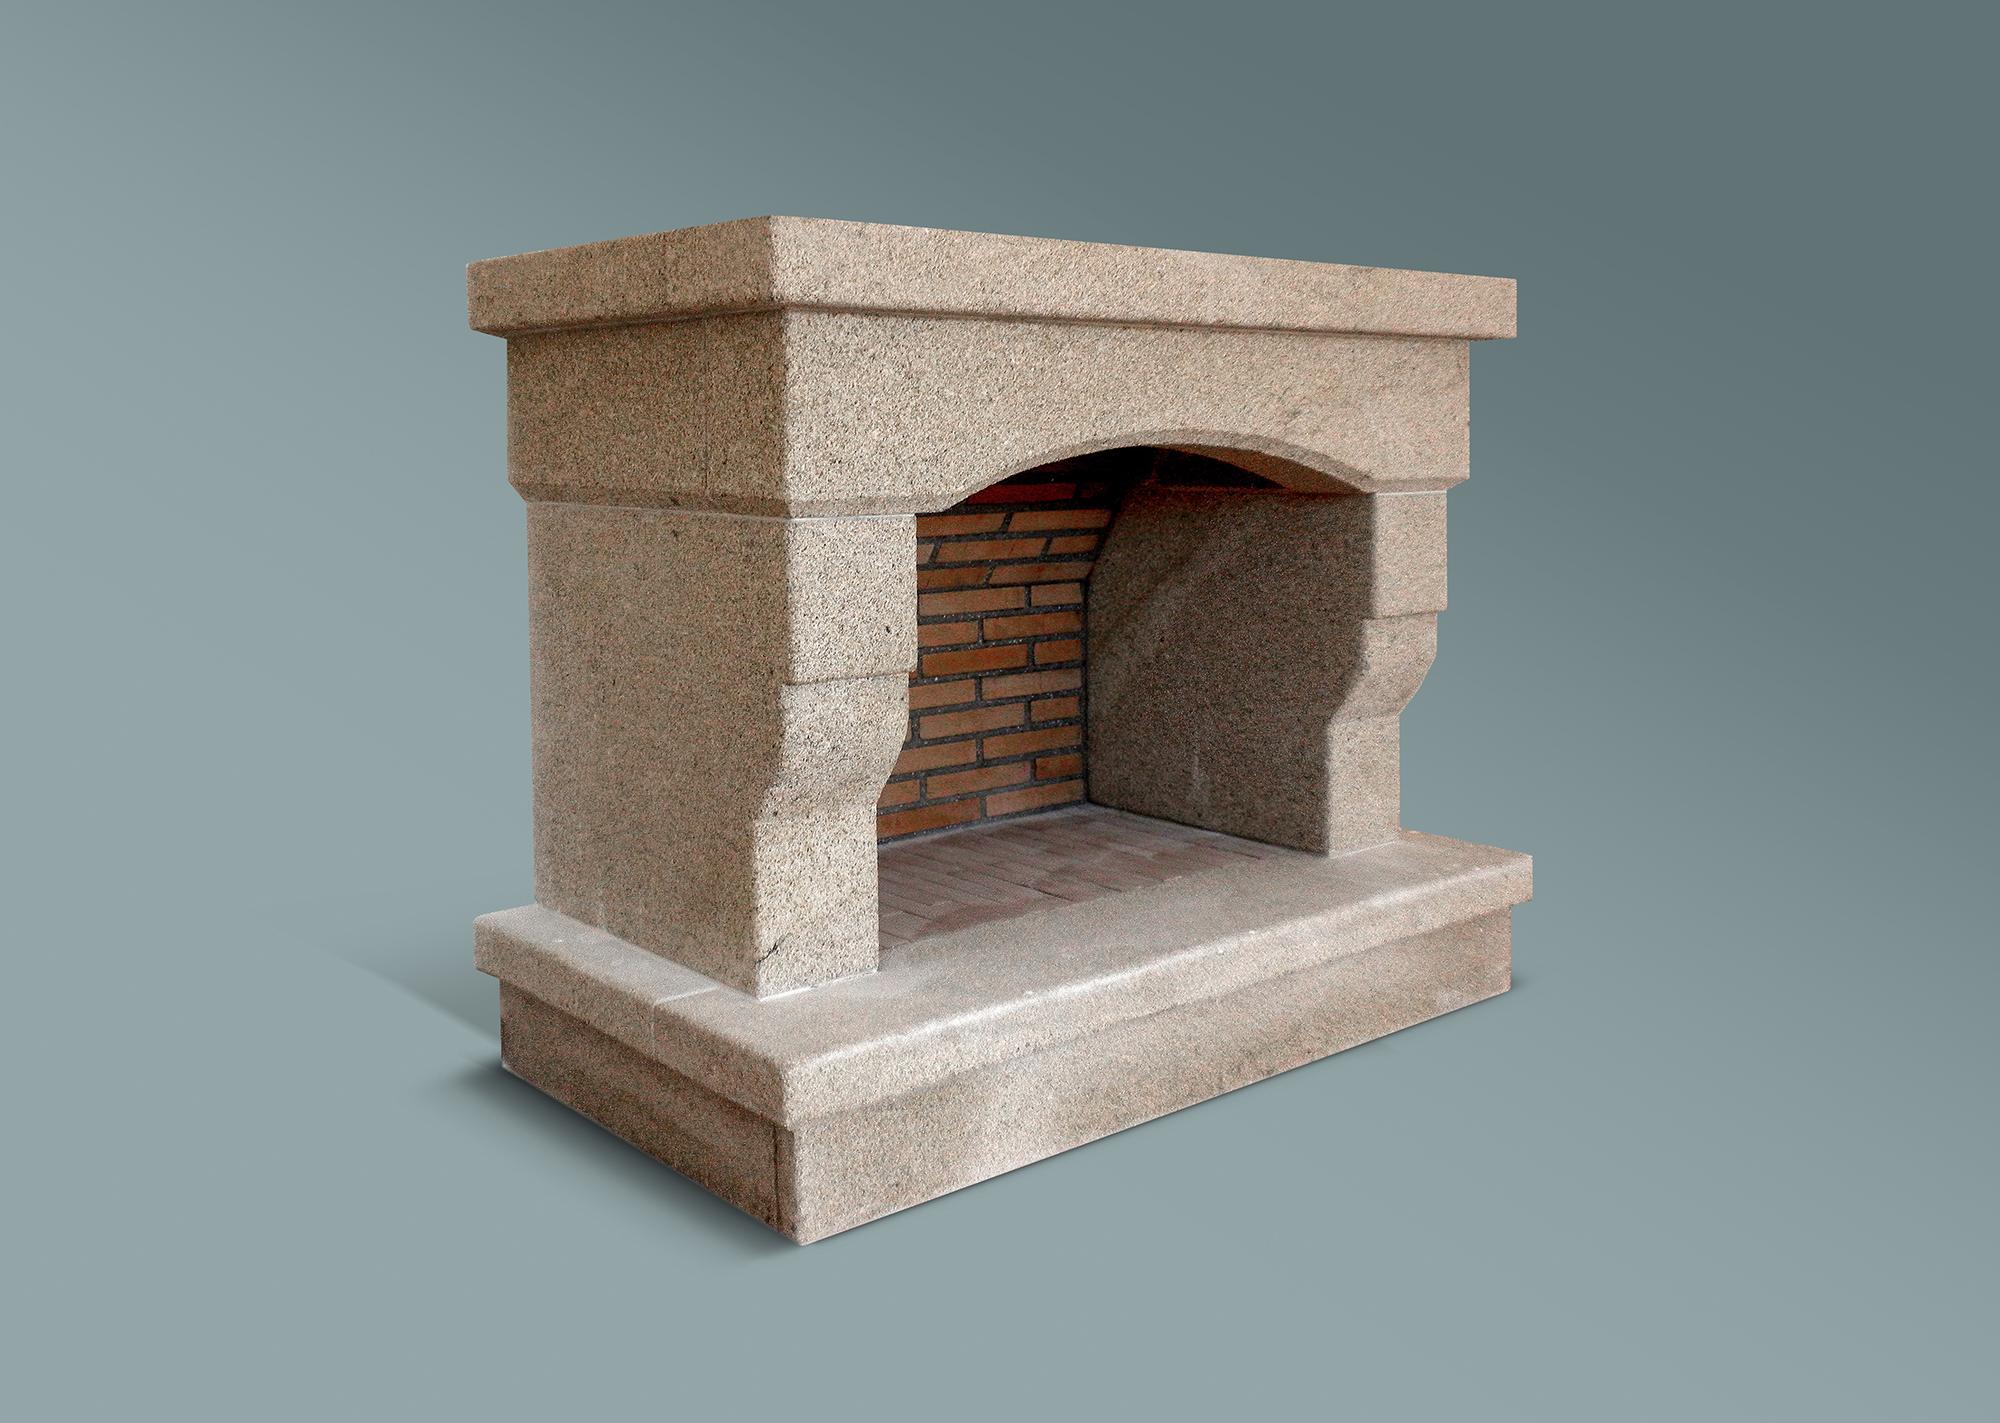 Construcci n chimenea de granito amarillo en piedra arteroca for Granito en piedra